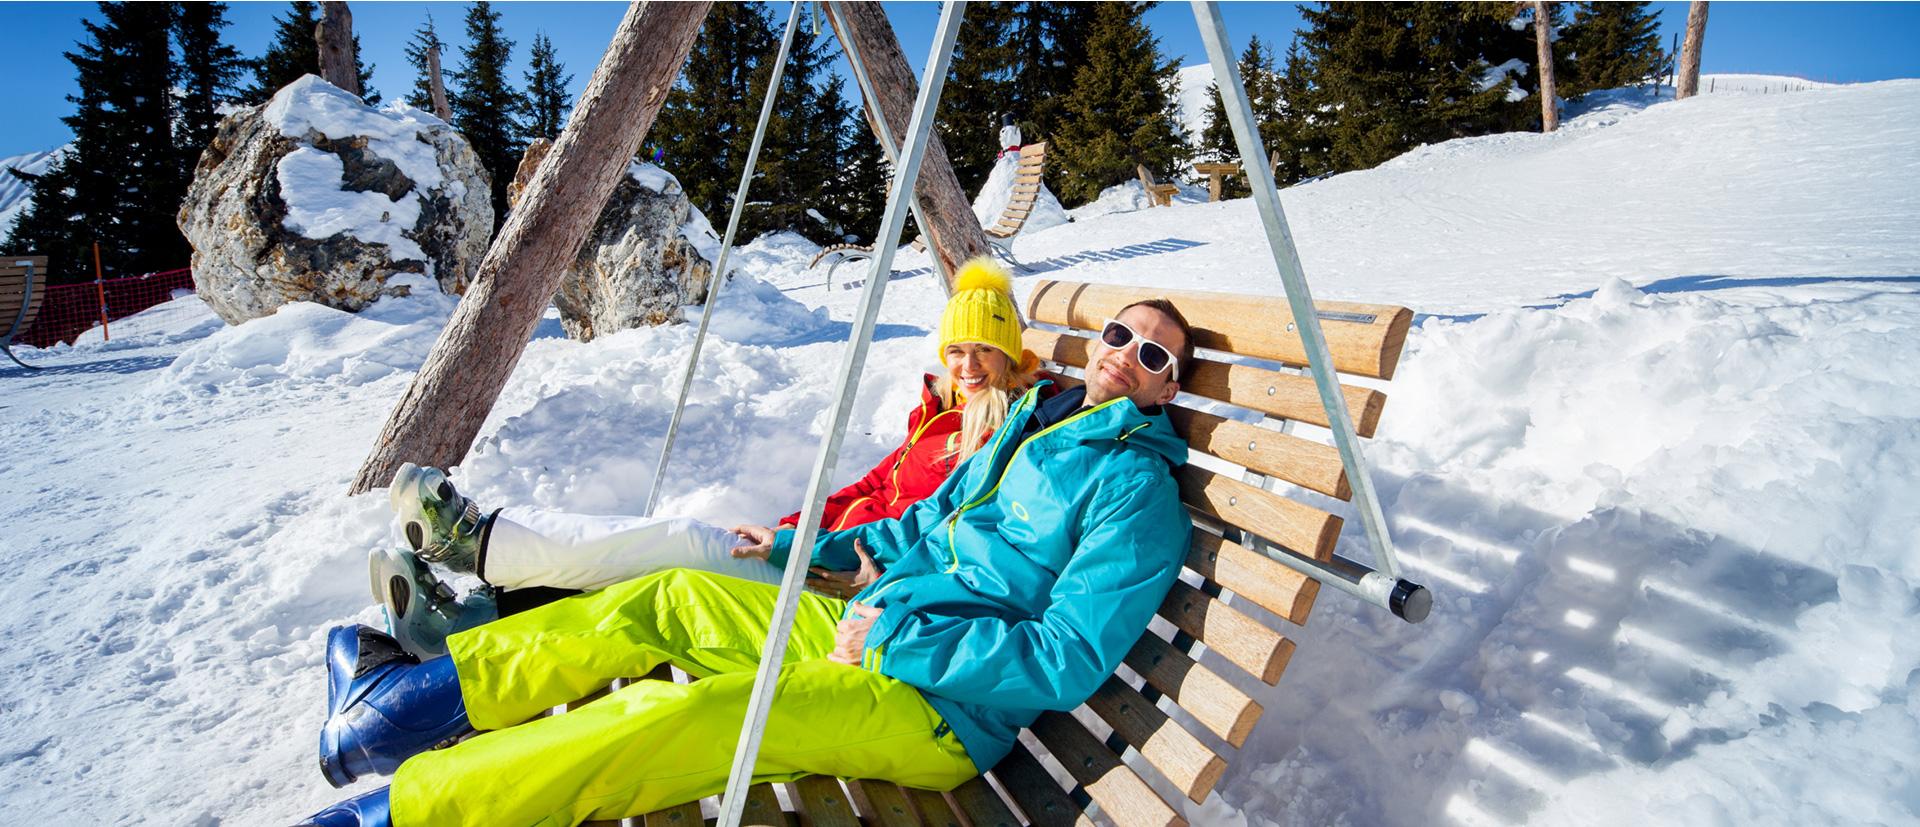 Ski Schaukel